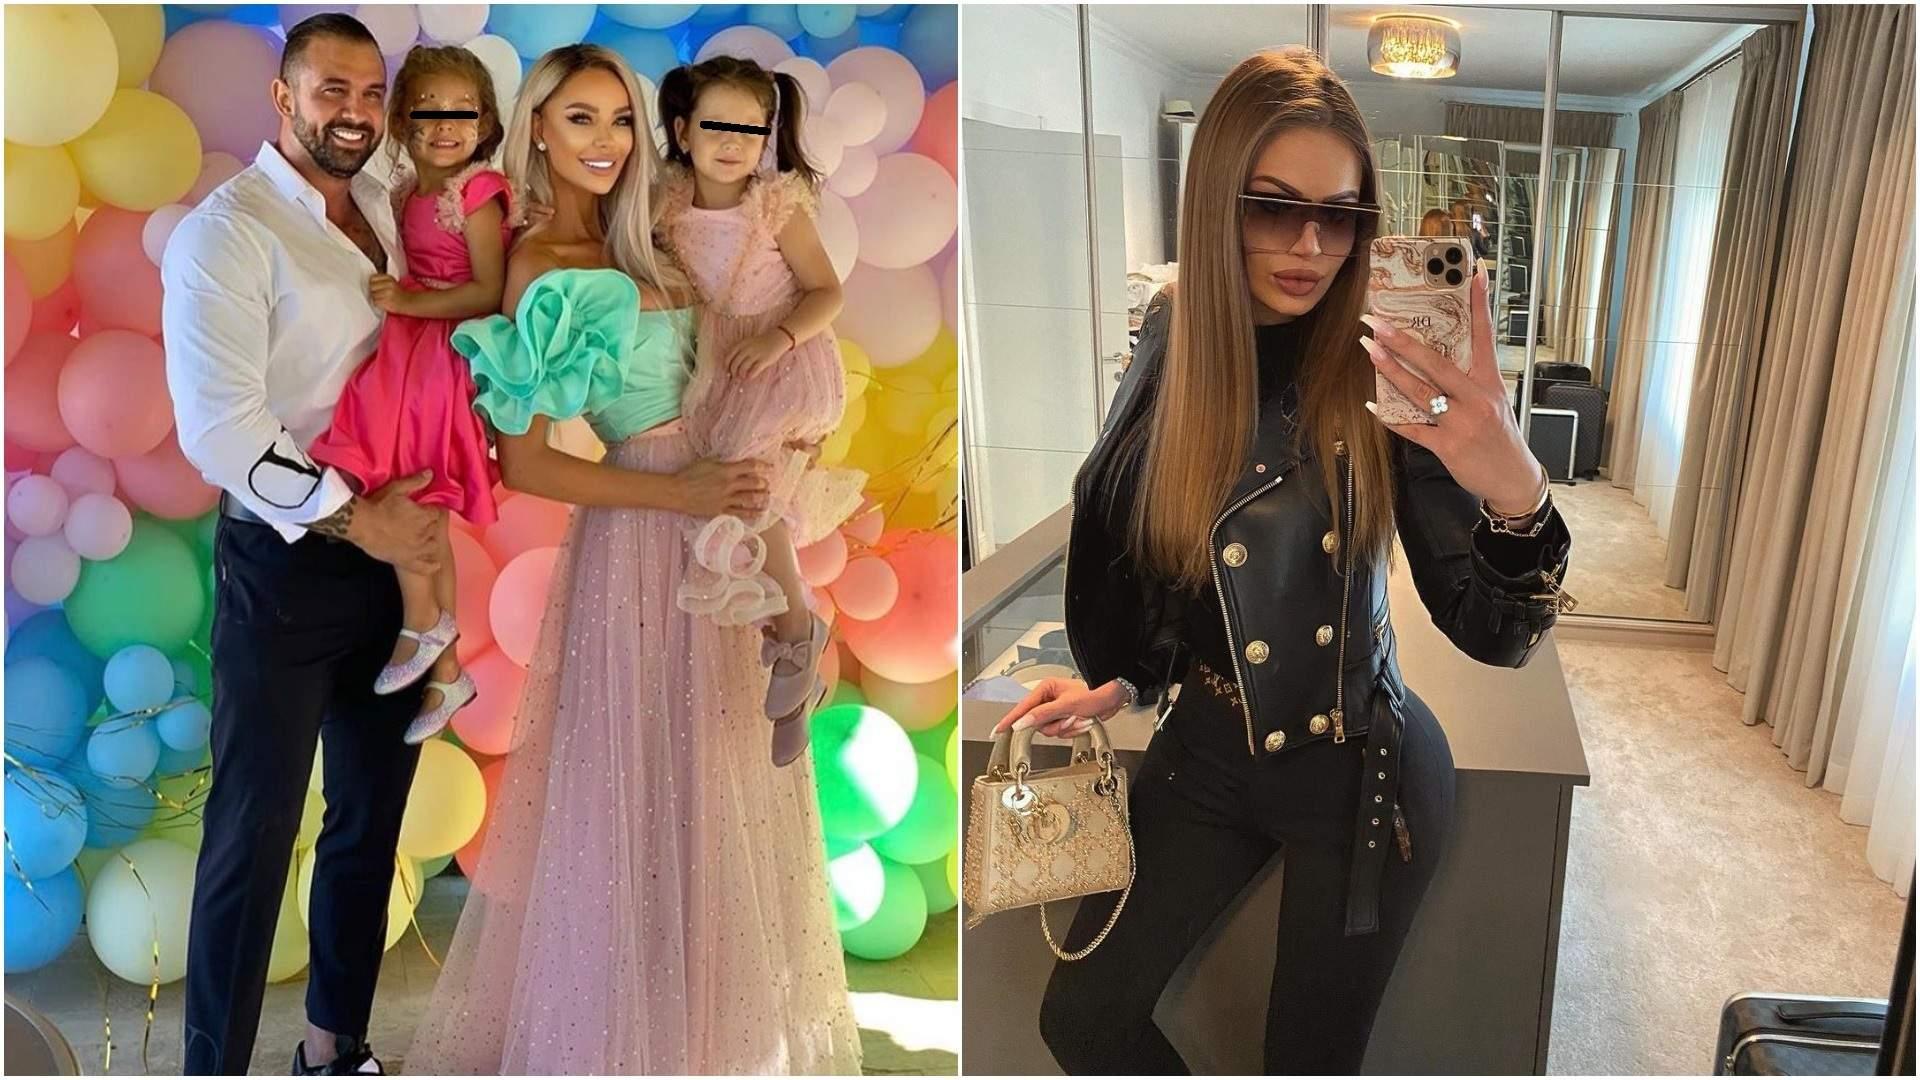 Colaj cu Bianca, Bodi și fiicele lor și Daria, selfie în oglindă.